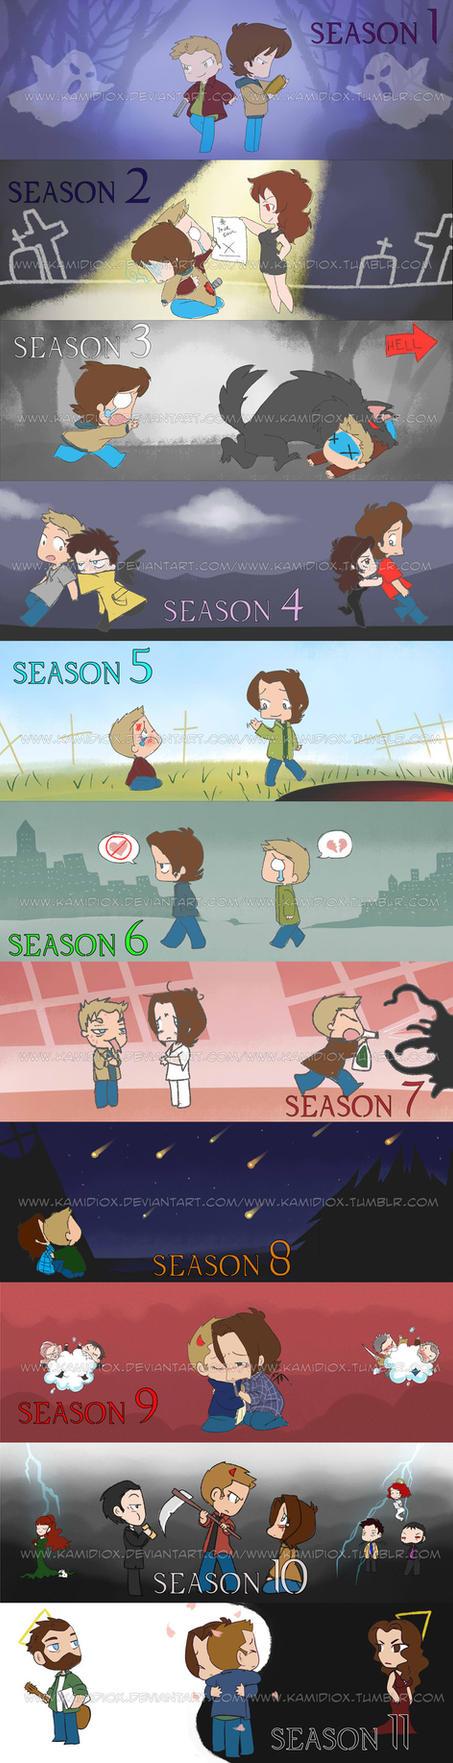 Supernatural 11 Seasons by KamiDiox